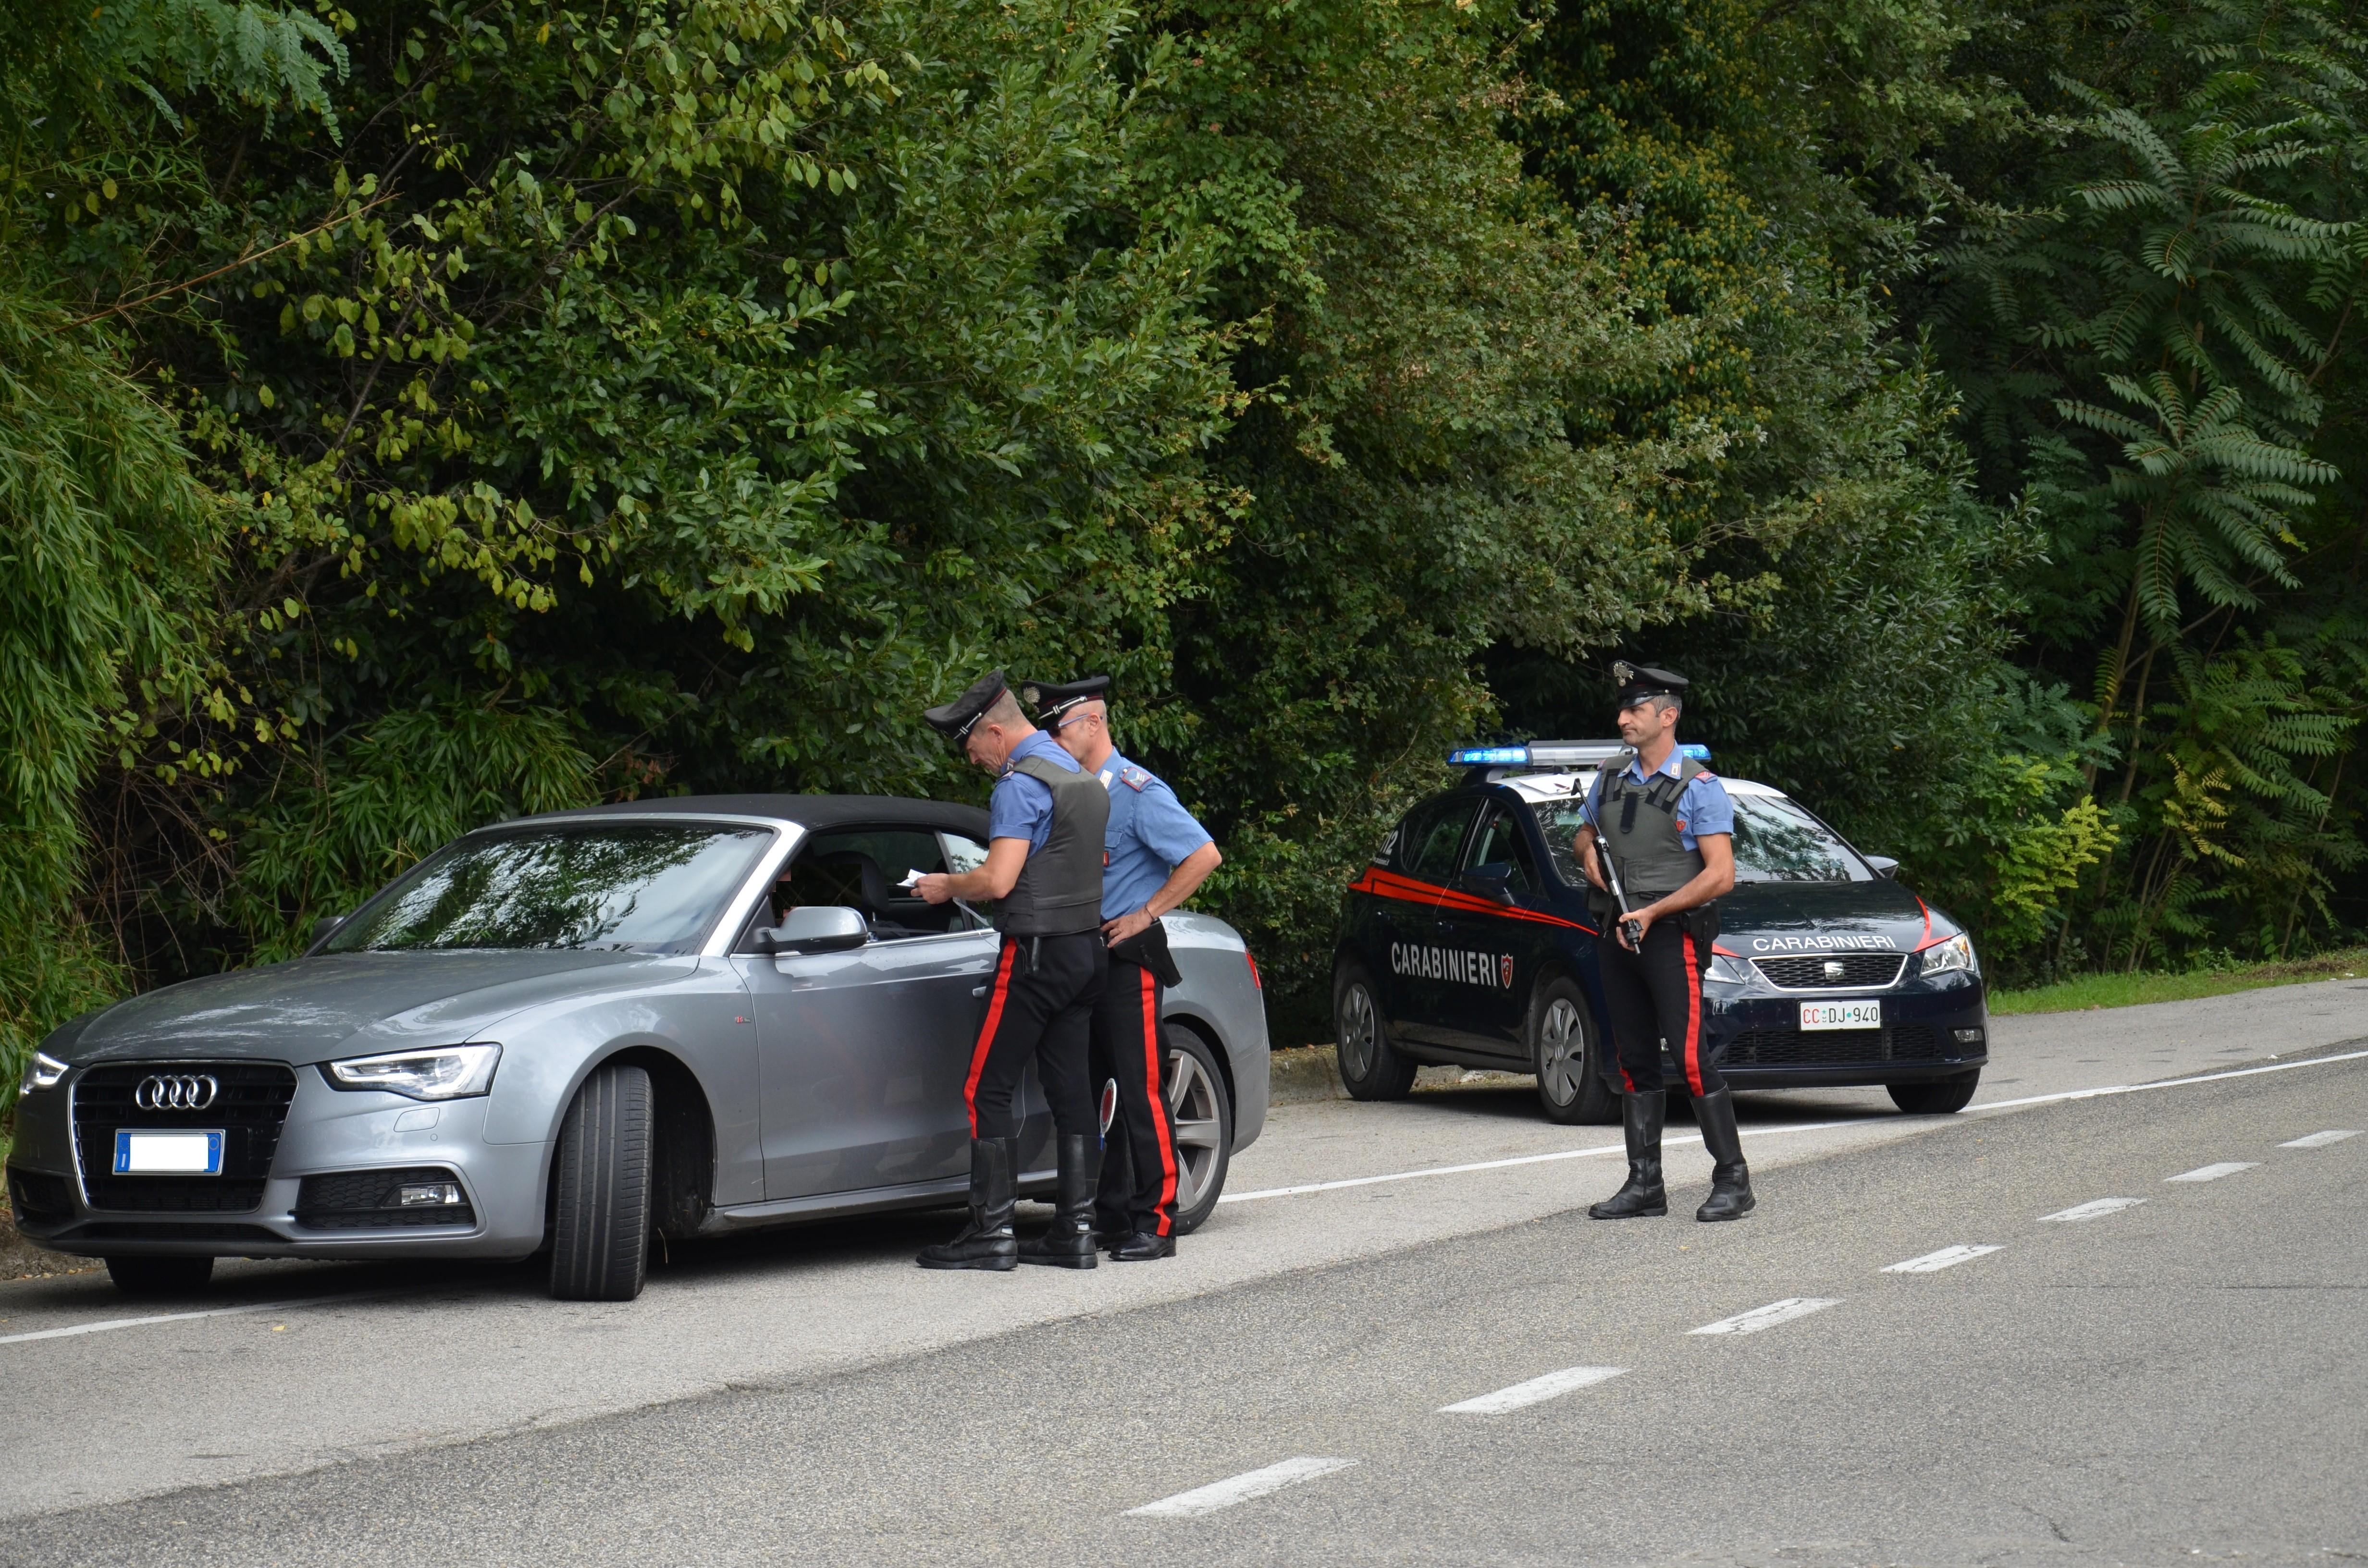 Carabinieri, multate 30 persone nella giornata di Pasqua a Siena. Sanzionato anche un esercizio commerciale